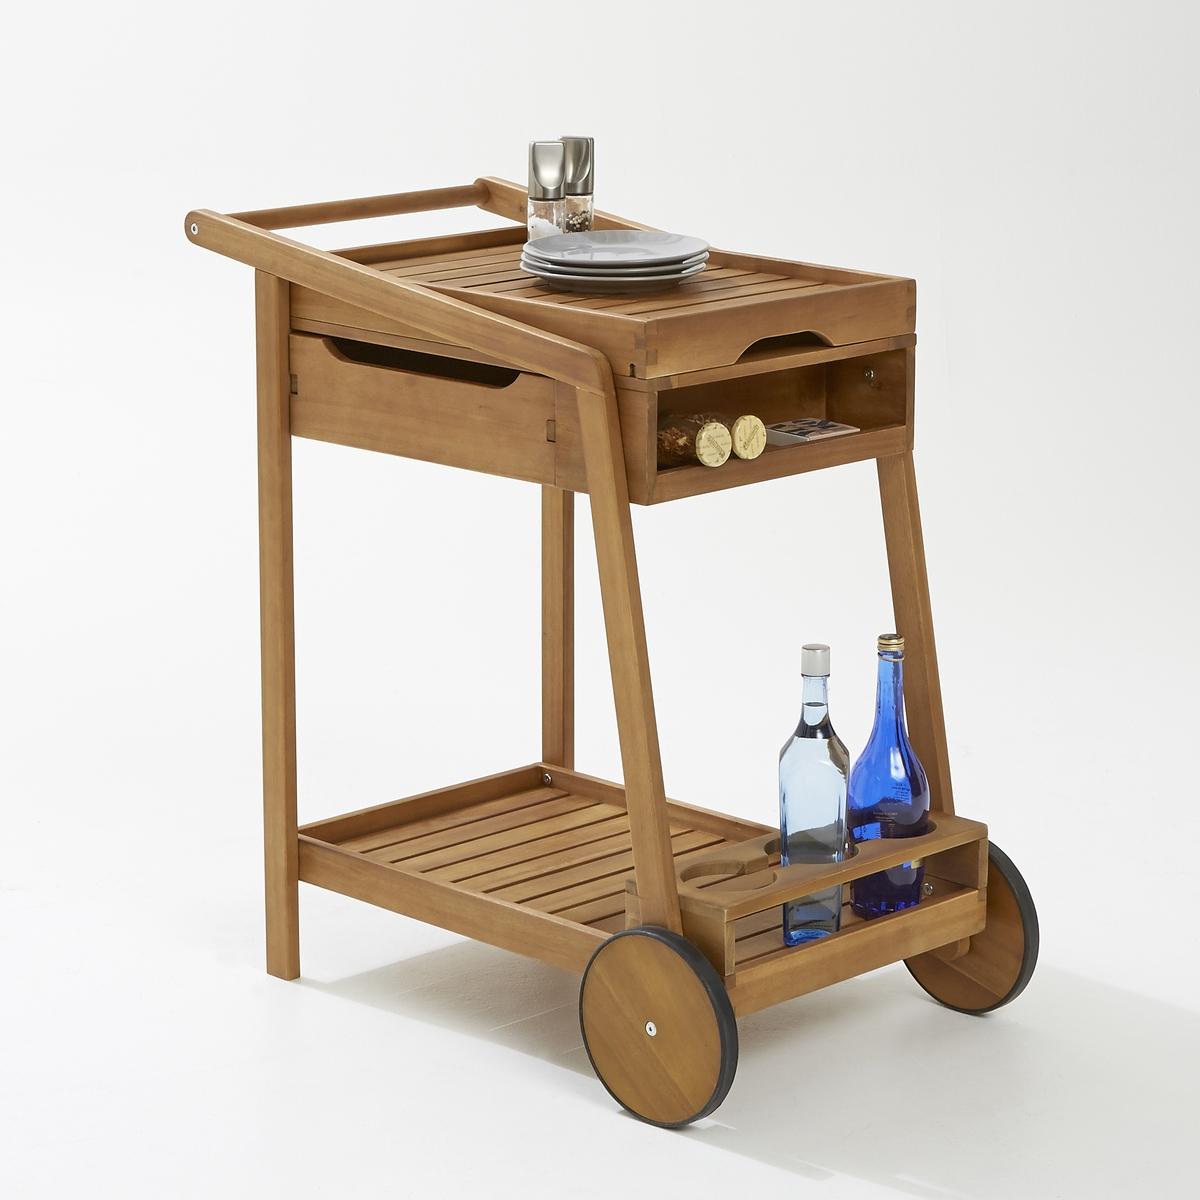 Столик сервировочный на колесиках,  2 полки и съемная столешницаИдеальный для сада или террасы, ваш столик на колесиках сослужит вам хорошую службу во время  обеда на природе !2 уровня, съемная столешница, ящик для вещей, отделение для бутылок, этот столик легко перемещать на колесах во время трапезы на террасе. Строгий и элегантный столик из акации идеально разнообразит ваш арсенал садовой мебели .Характеристики  :Прямоугольная форма 2колесика 2 полки 1 ящик  отделение для бутылок Древесина акации Размеры большого столика :Длина : 50смШирина : 85смВысота : 85смВес : 12кгРазмеры столешницы :Длина 58см  x Ширина  43.7см x высота 6см Размеры упаковки :1 упаковкаДлина 131смШирина  44.5Высота 18смВес : 15 кг Качество :Акация-дерево с уникальными механическими свойствами: прочность(устойчивость к насекомым и грибкам),и влажности(чередование сухих и влажных периодов).<br><br>Цвет: акация